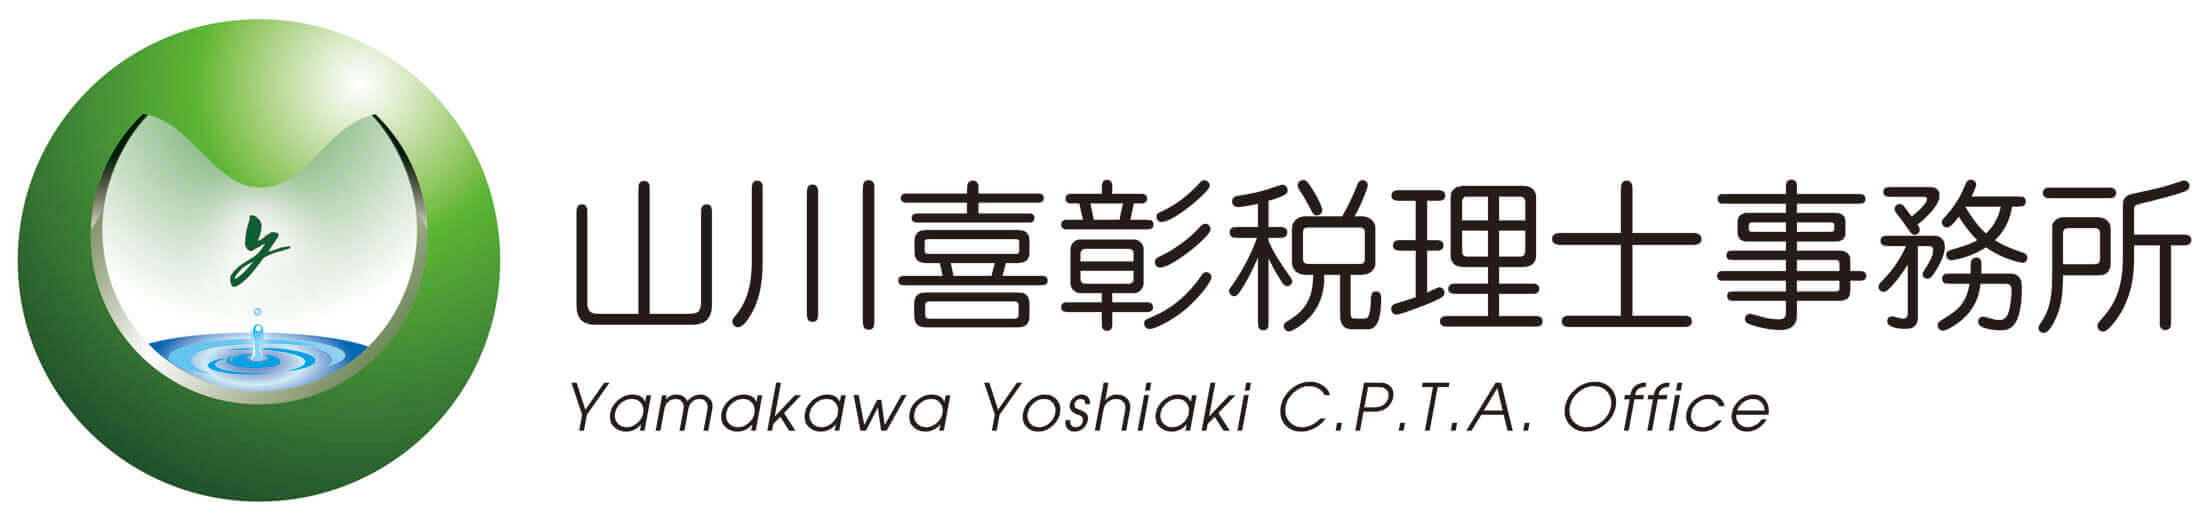 山川喜彰税理士事務所